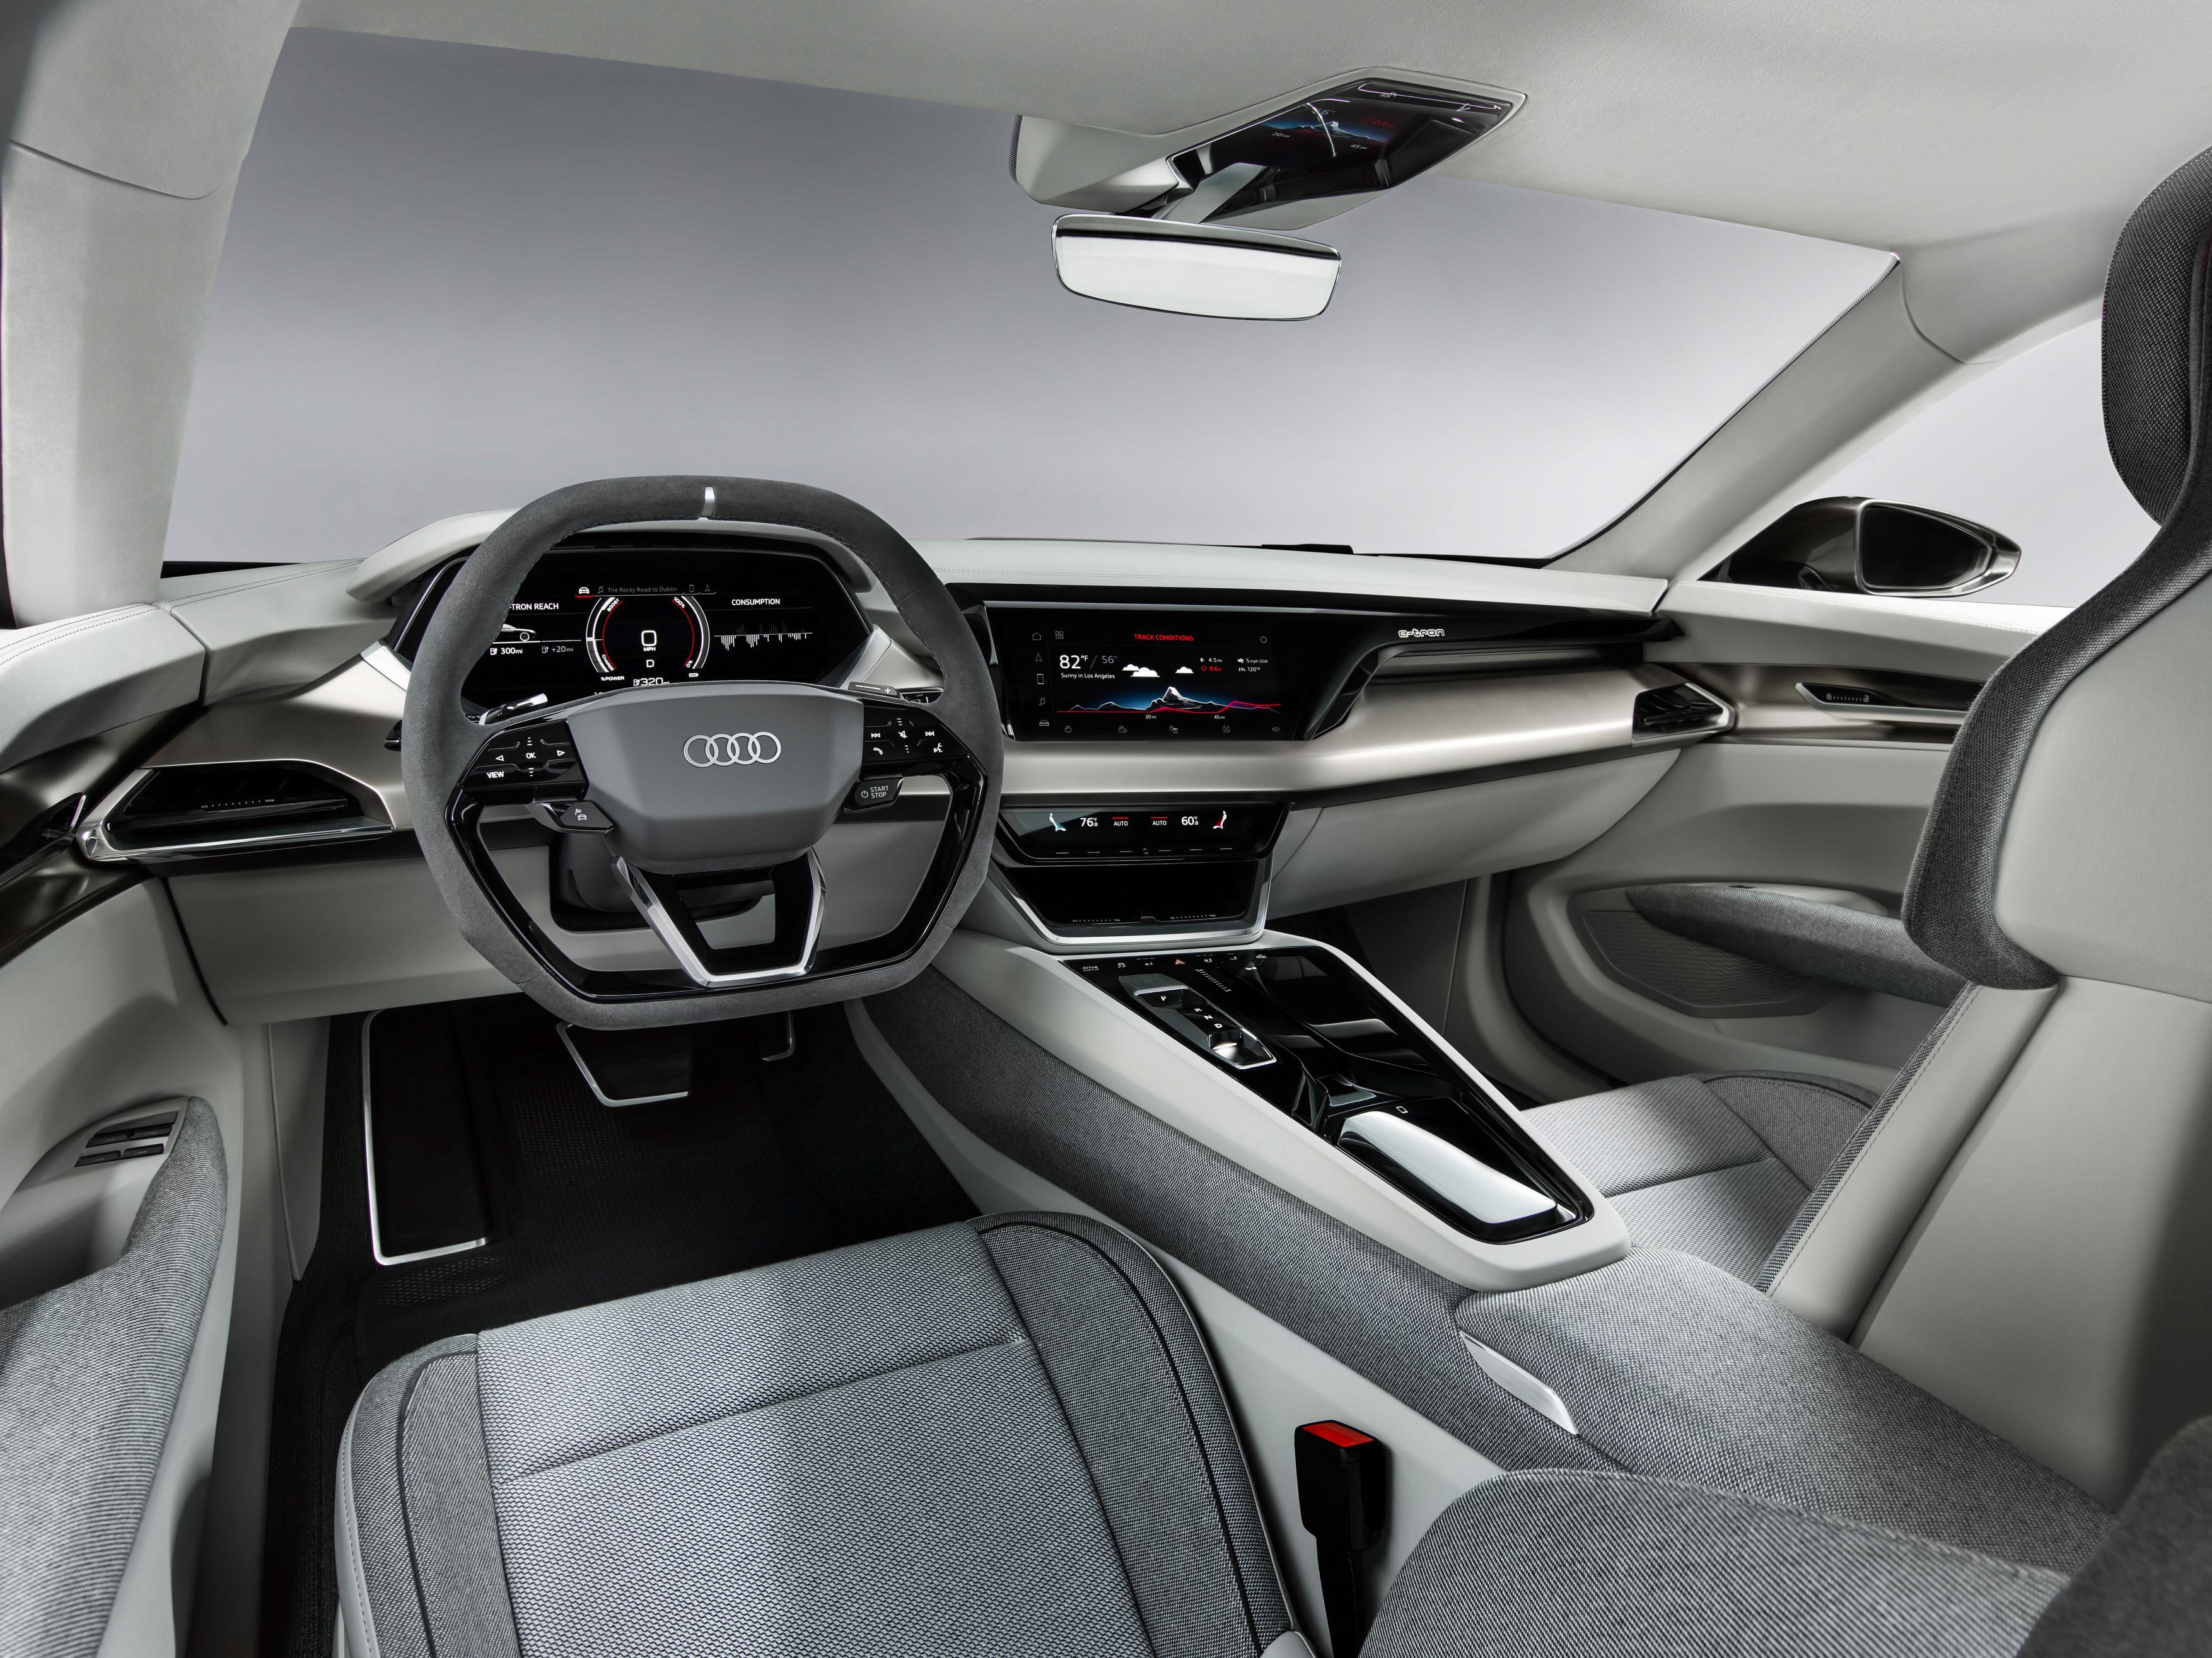 A1814547 medium - Audi E-tron GT concept Interior 4k - Audi E-tron GT concept Interior view, Audi E-tron GT concept Interior hd 4k, Audi E-tron GT concept Interior 4k